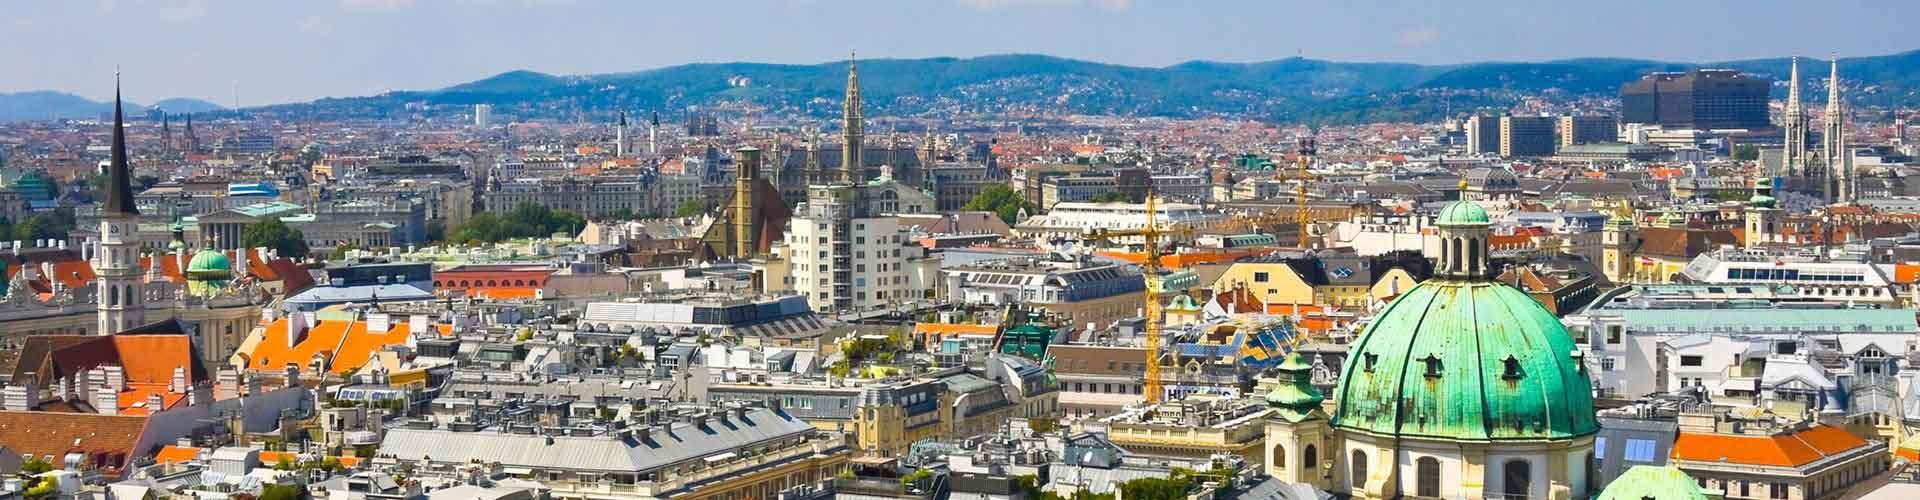 Viena - Hoteles baratos en el distritoBrigittenau. Mapas de Viena, Fotos y Comentarios para cada hotel en Viena.